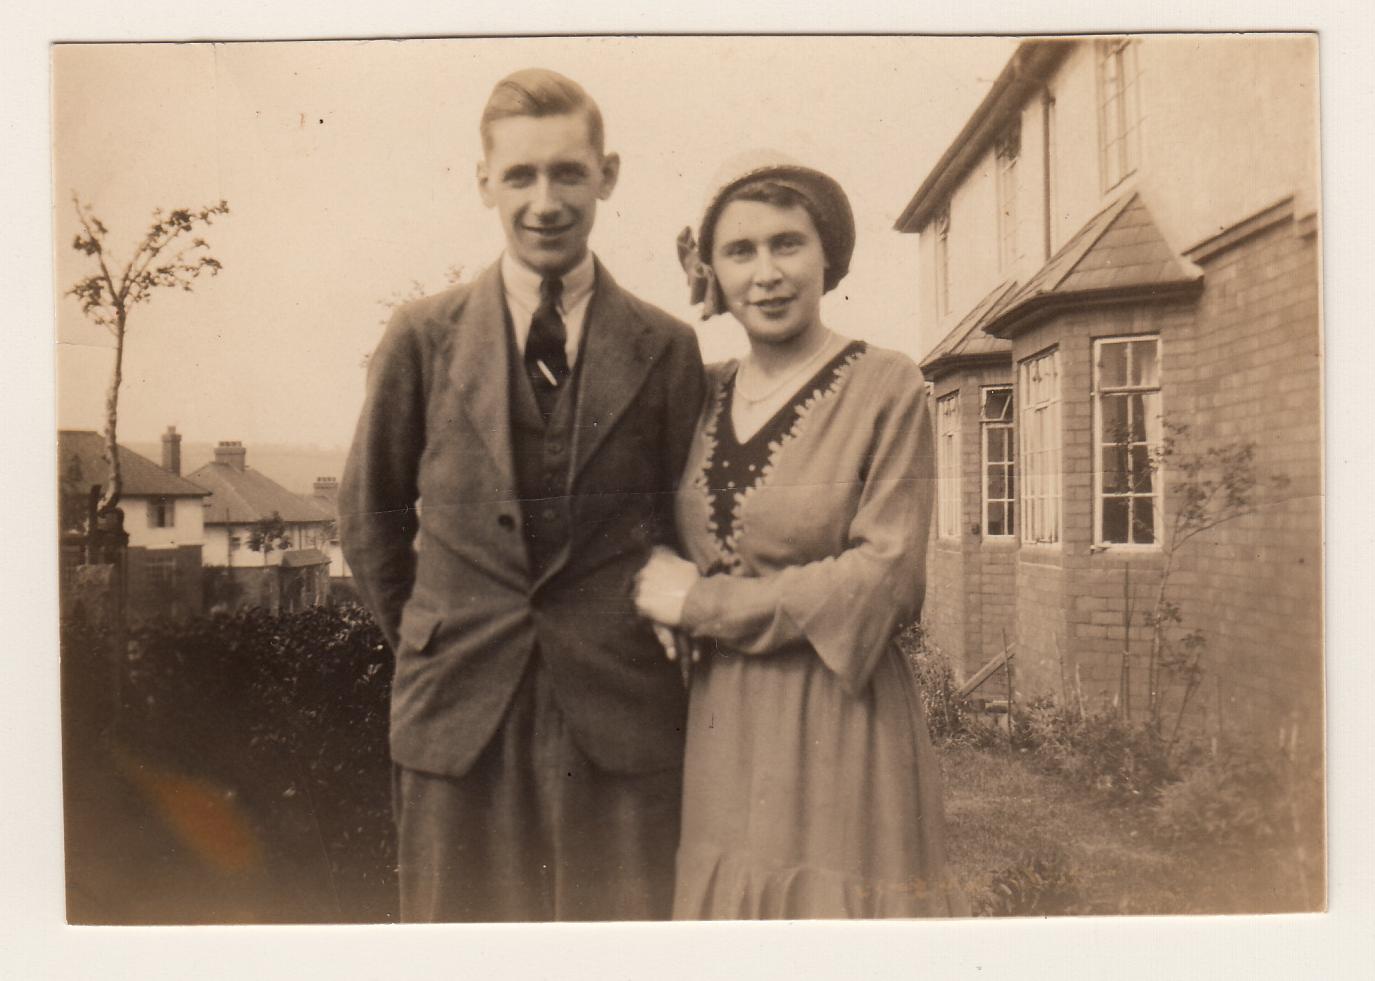 Nana and Poppa 1930ish